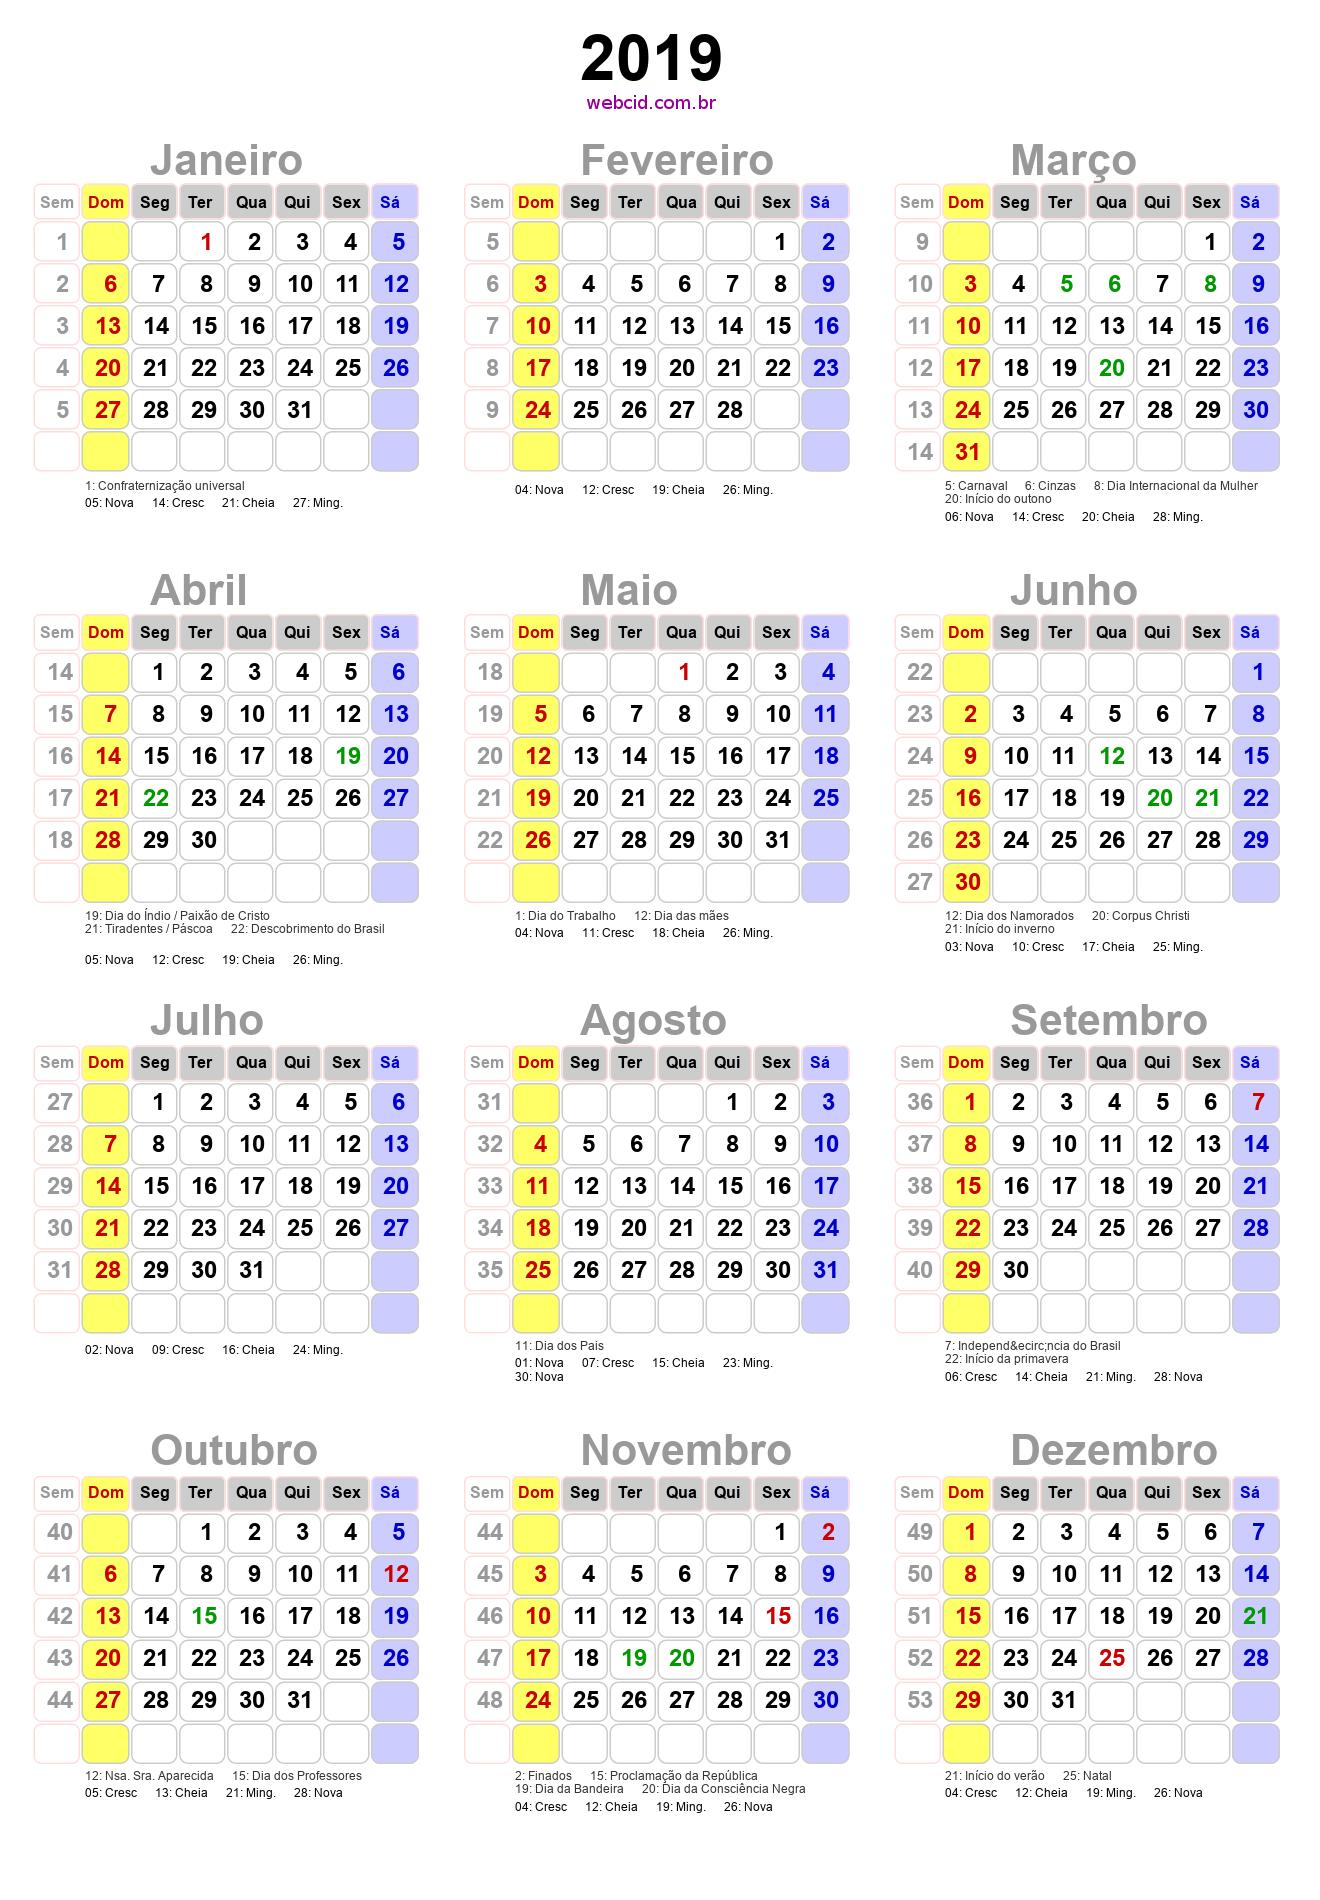 Calendario 2020 Com Feriados Para Impressao.Calendario 2019 Em Png Pronto Para Voce Utilizar Webcid